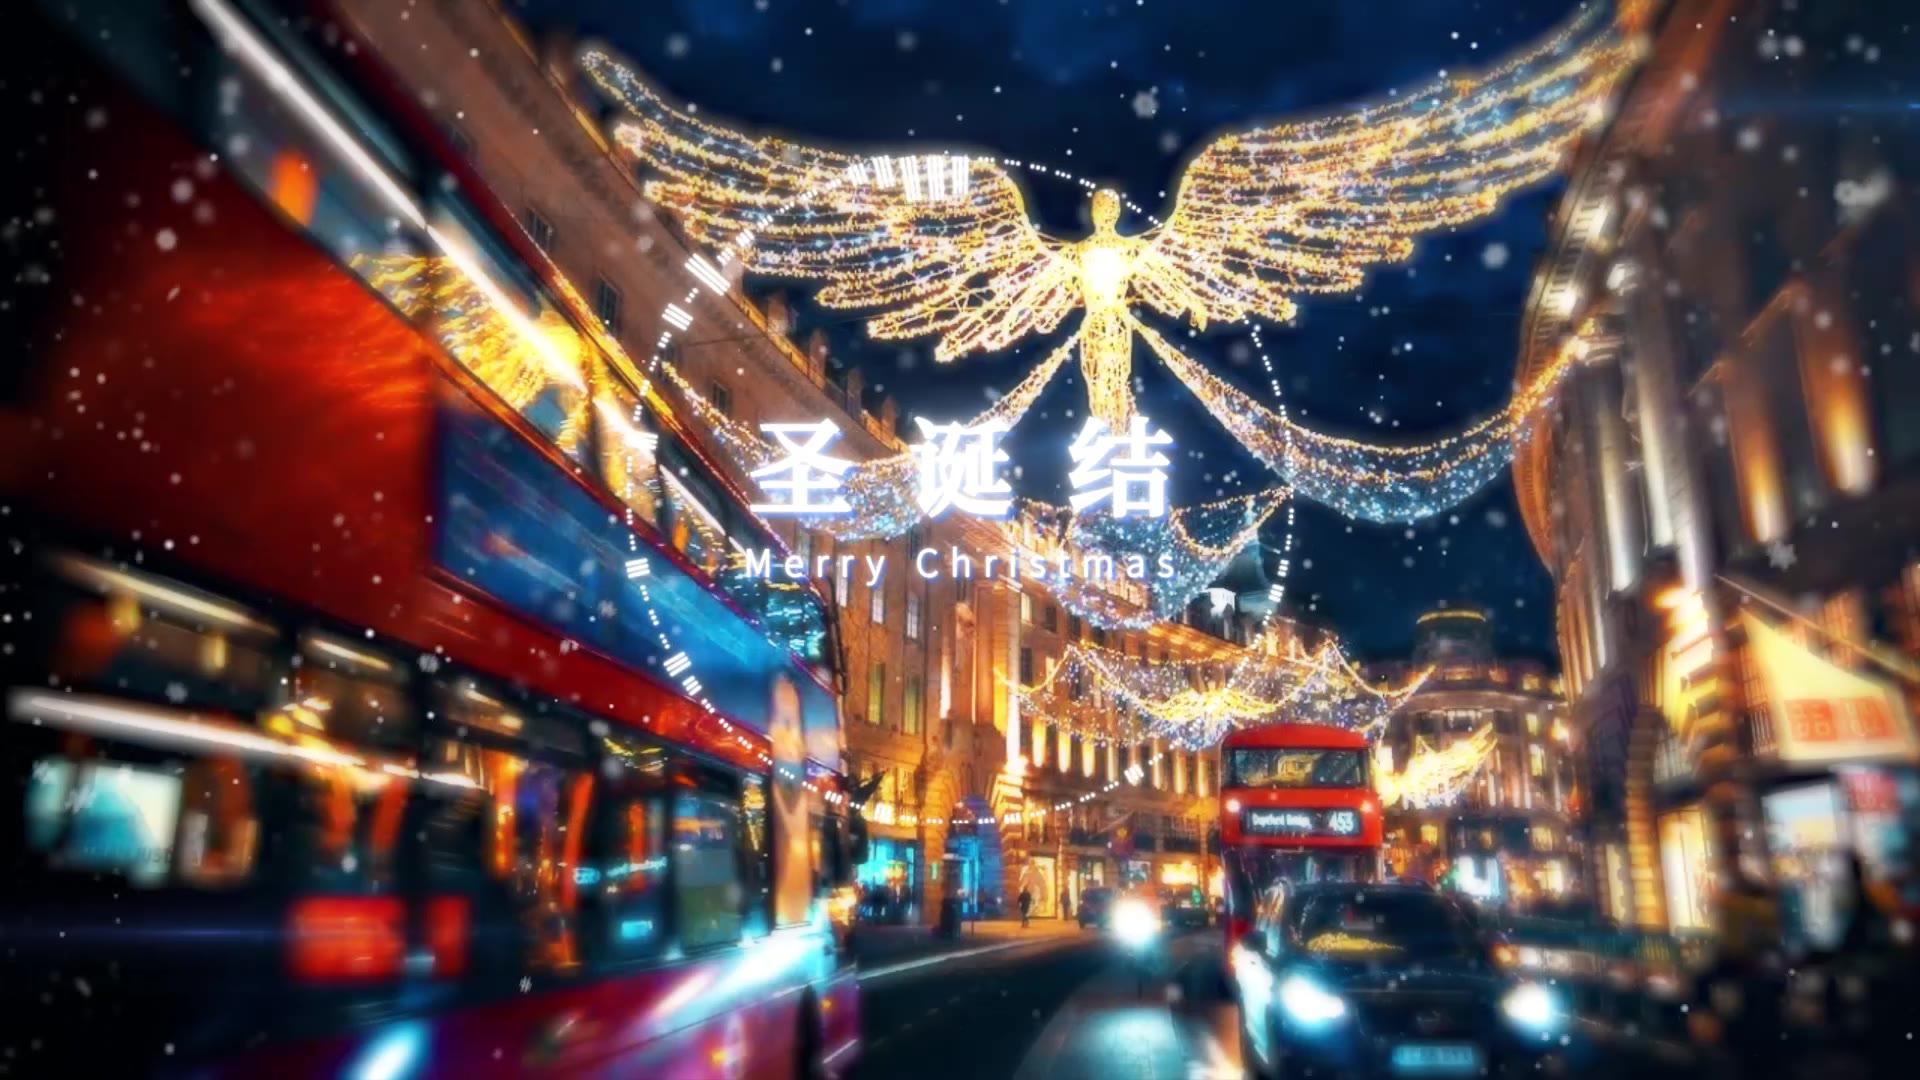 我来陪你过这《圣诞结》【秋灵翻唱】